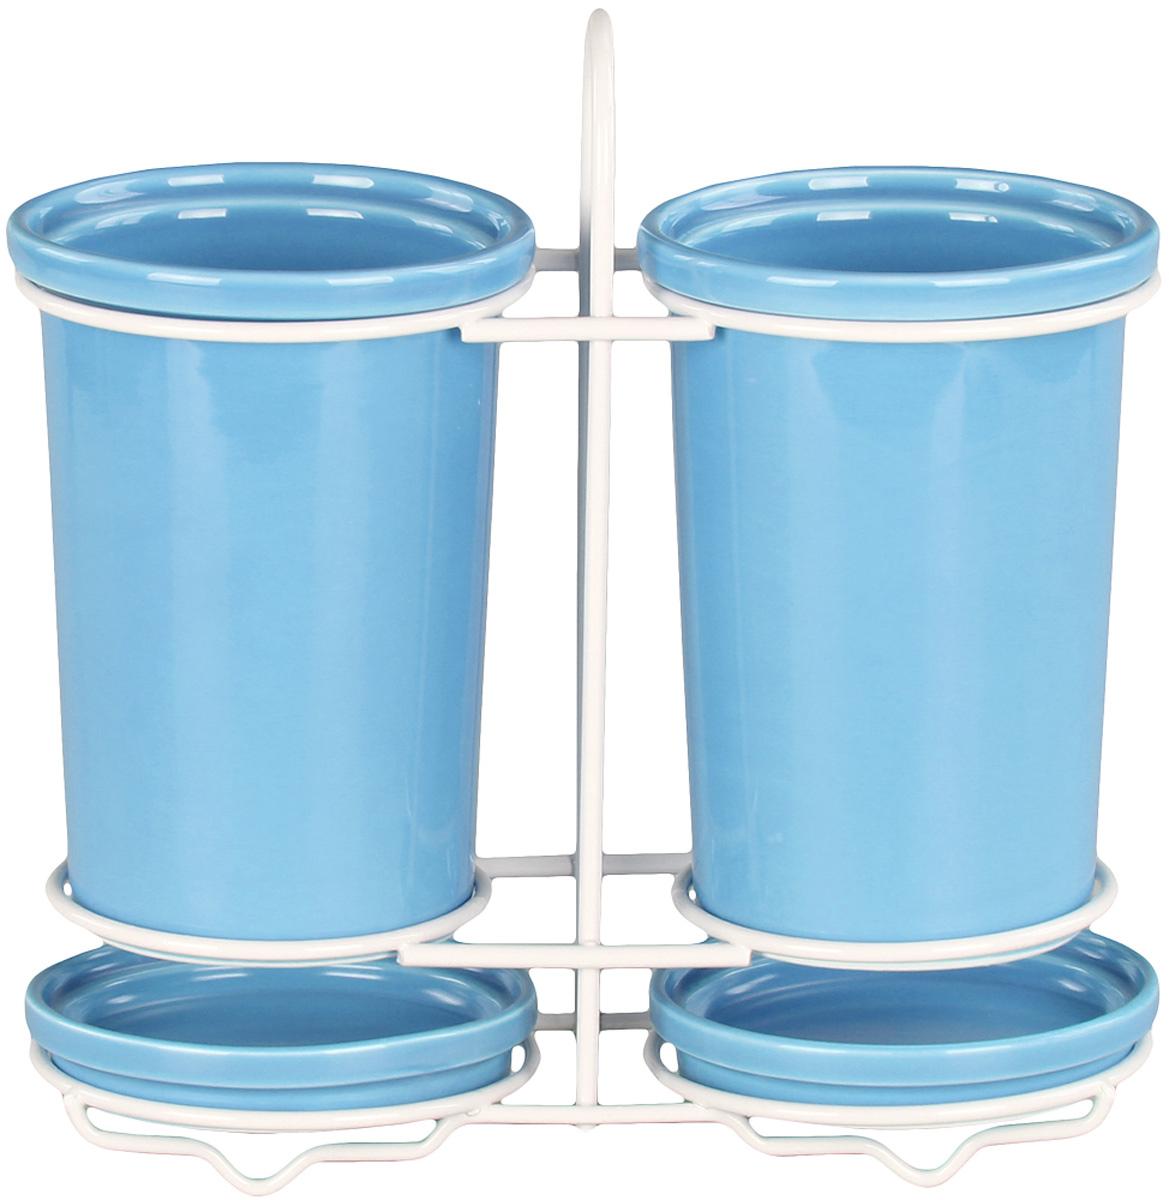 Подставка Patricia для столовых приборов. IM99-5232IM99-5232Подставка для столовых приборов и поддон выполнены из керамики, а специальный держатель из хромированной стали. Применение в производстве специальных эмалей позволяет керамике, используемой в этом изделии, соперничать по своим эстетическим свойствам с фарфором. Поддон для сбора воды легко мыть благодаря удобной конструкции держателя.